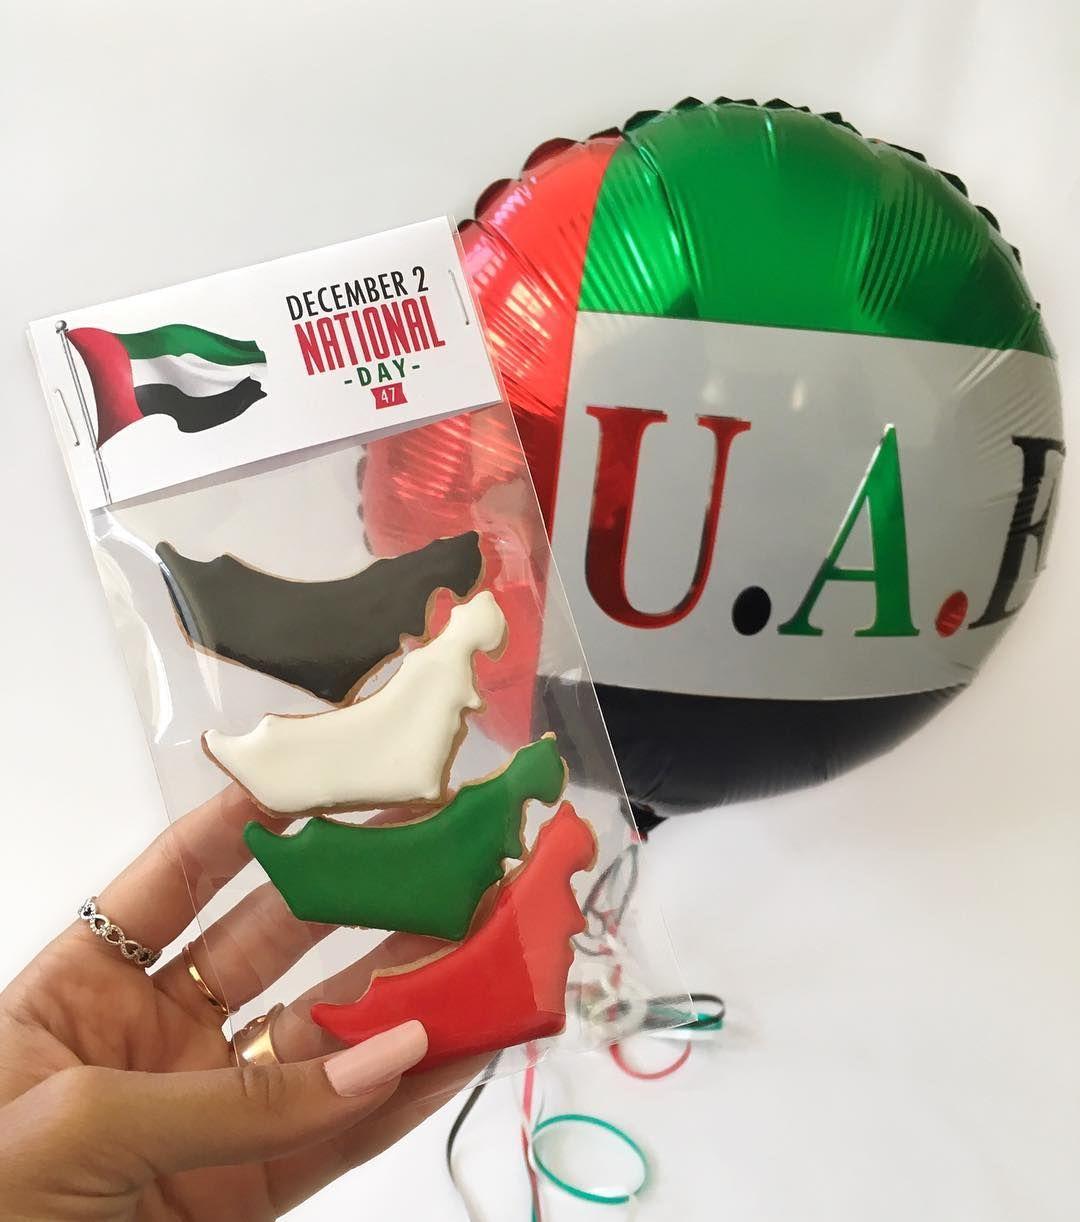 اليوم الوطني الإماراتي توزيعات اليوم الوطني توزيعات العيد الوطني الامارات كوكيز توزيعات حلويات Christmas Ornaments Holiday Decor Novelty Christmas